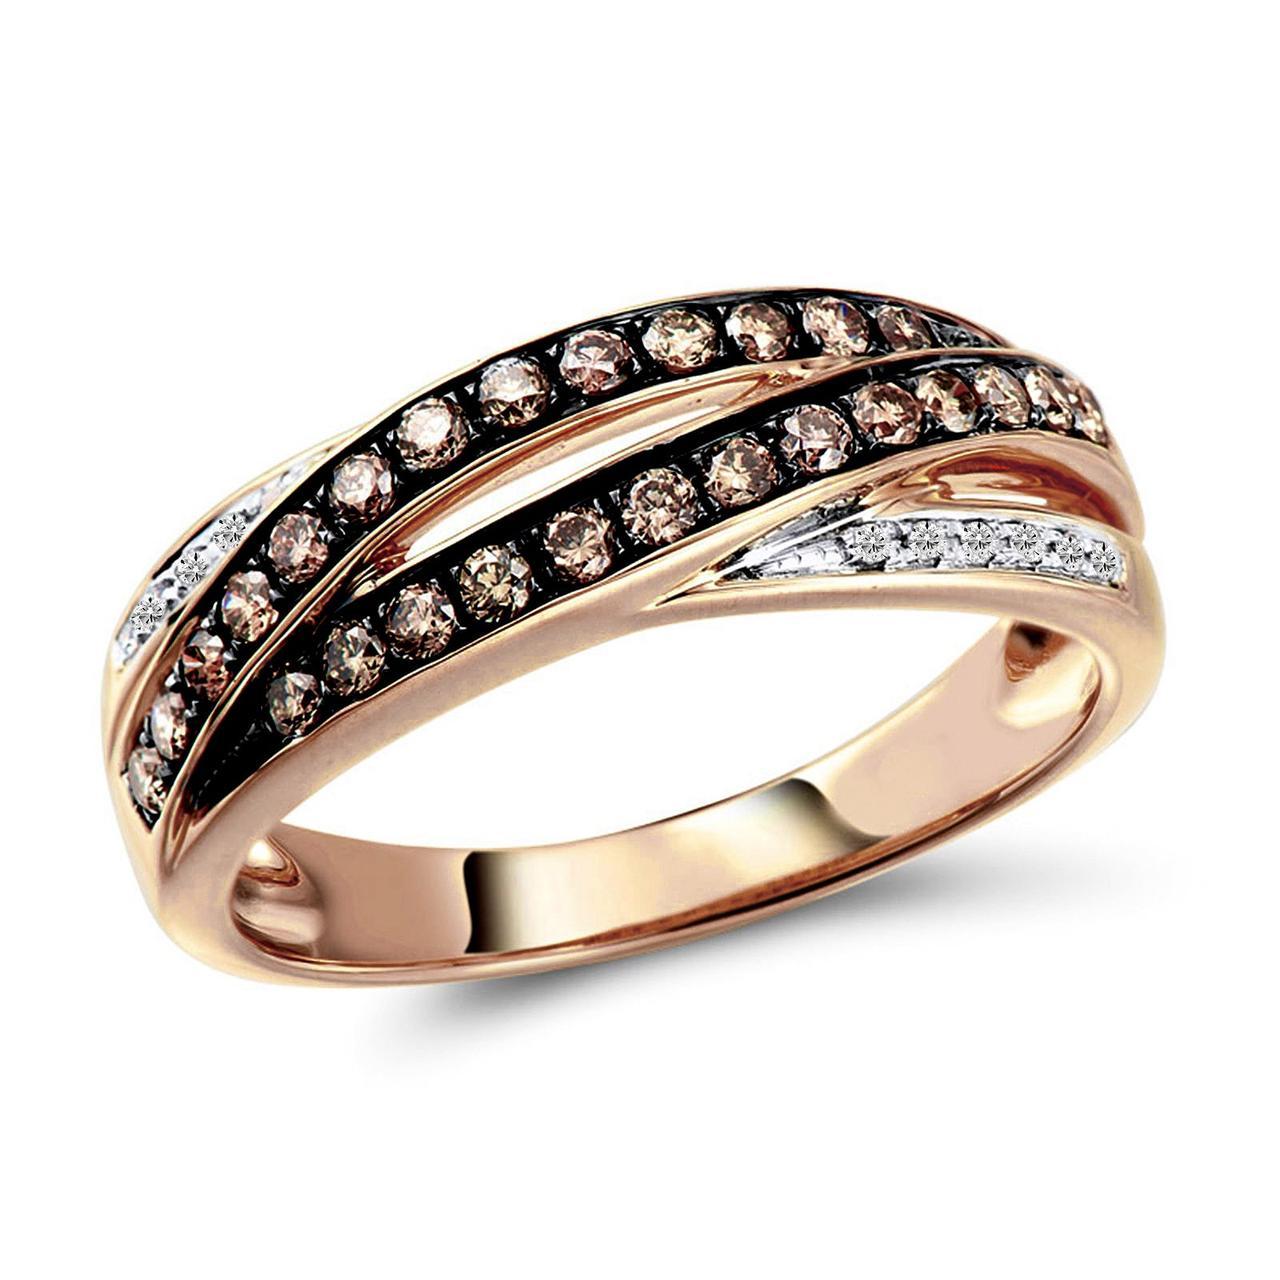 Золотое кольцо с бриллиантами, размер 17 (1554730)